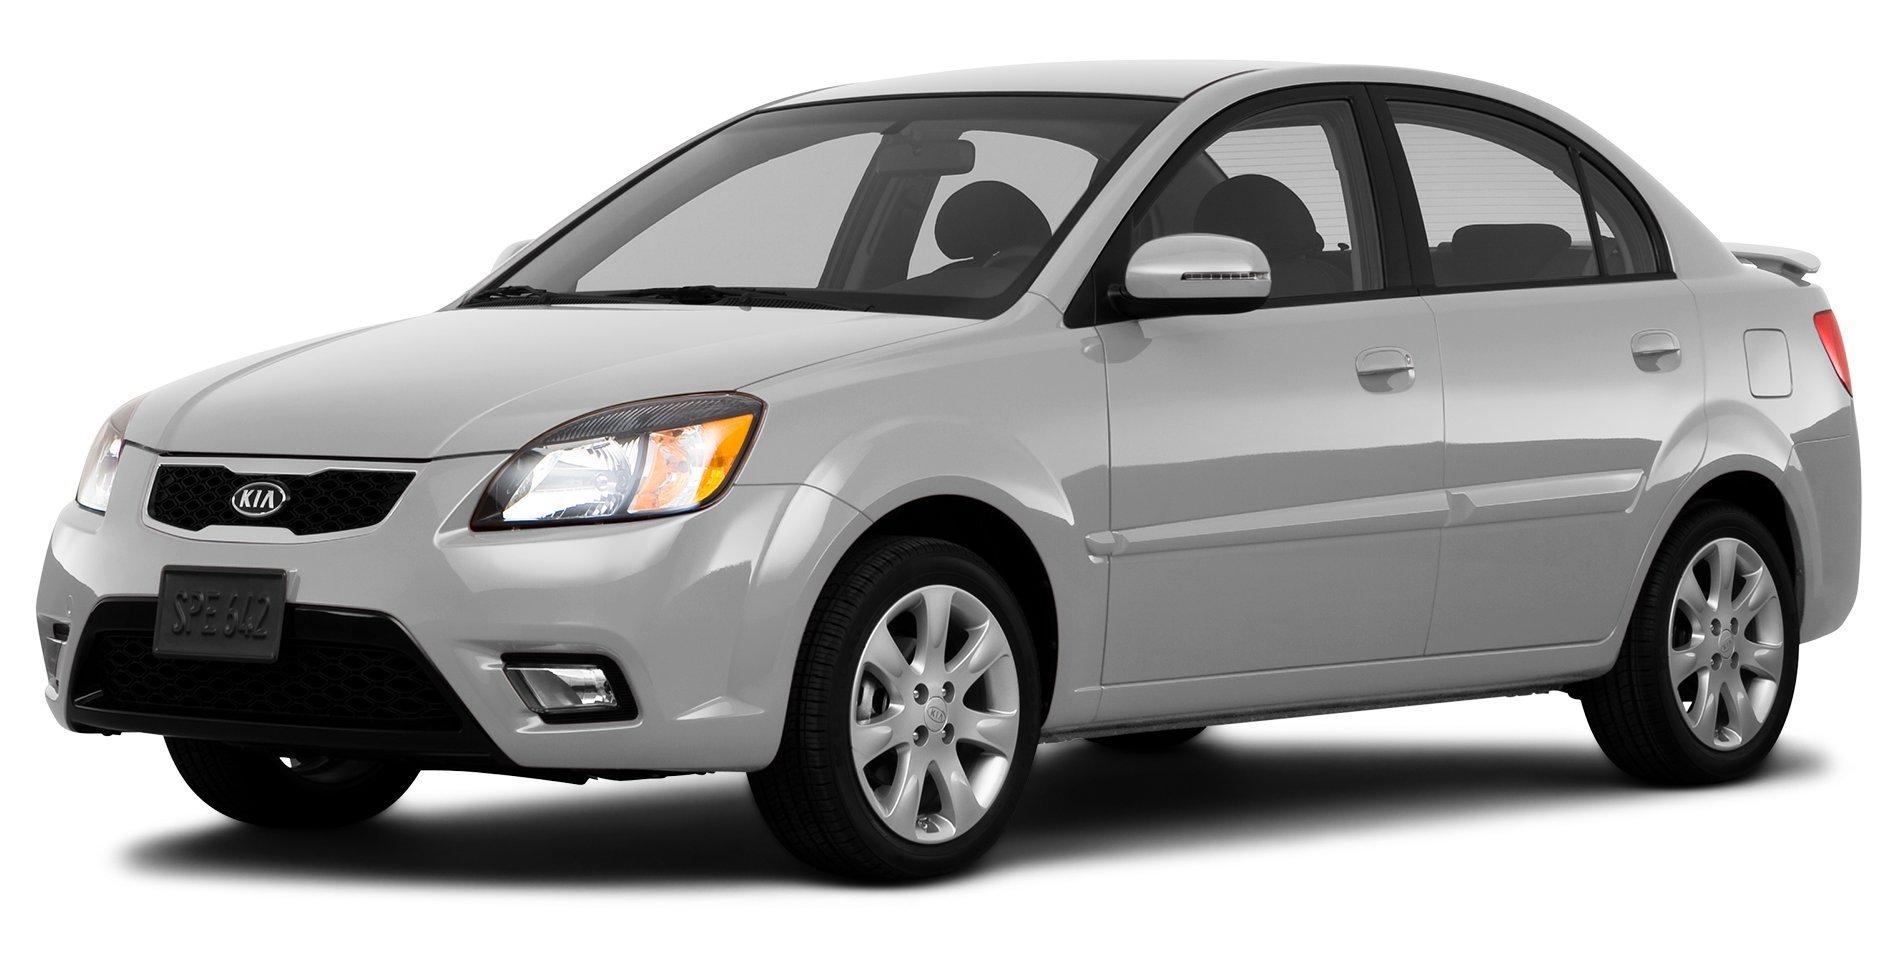 2010 Kia Rio, 4-Door Sedan Manual Transmission ...